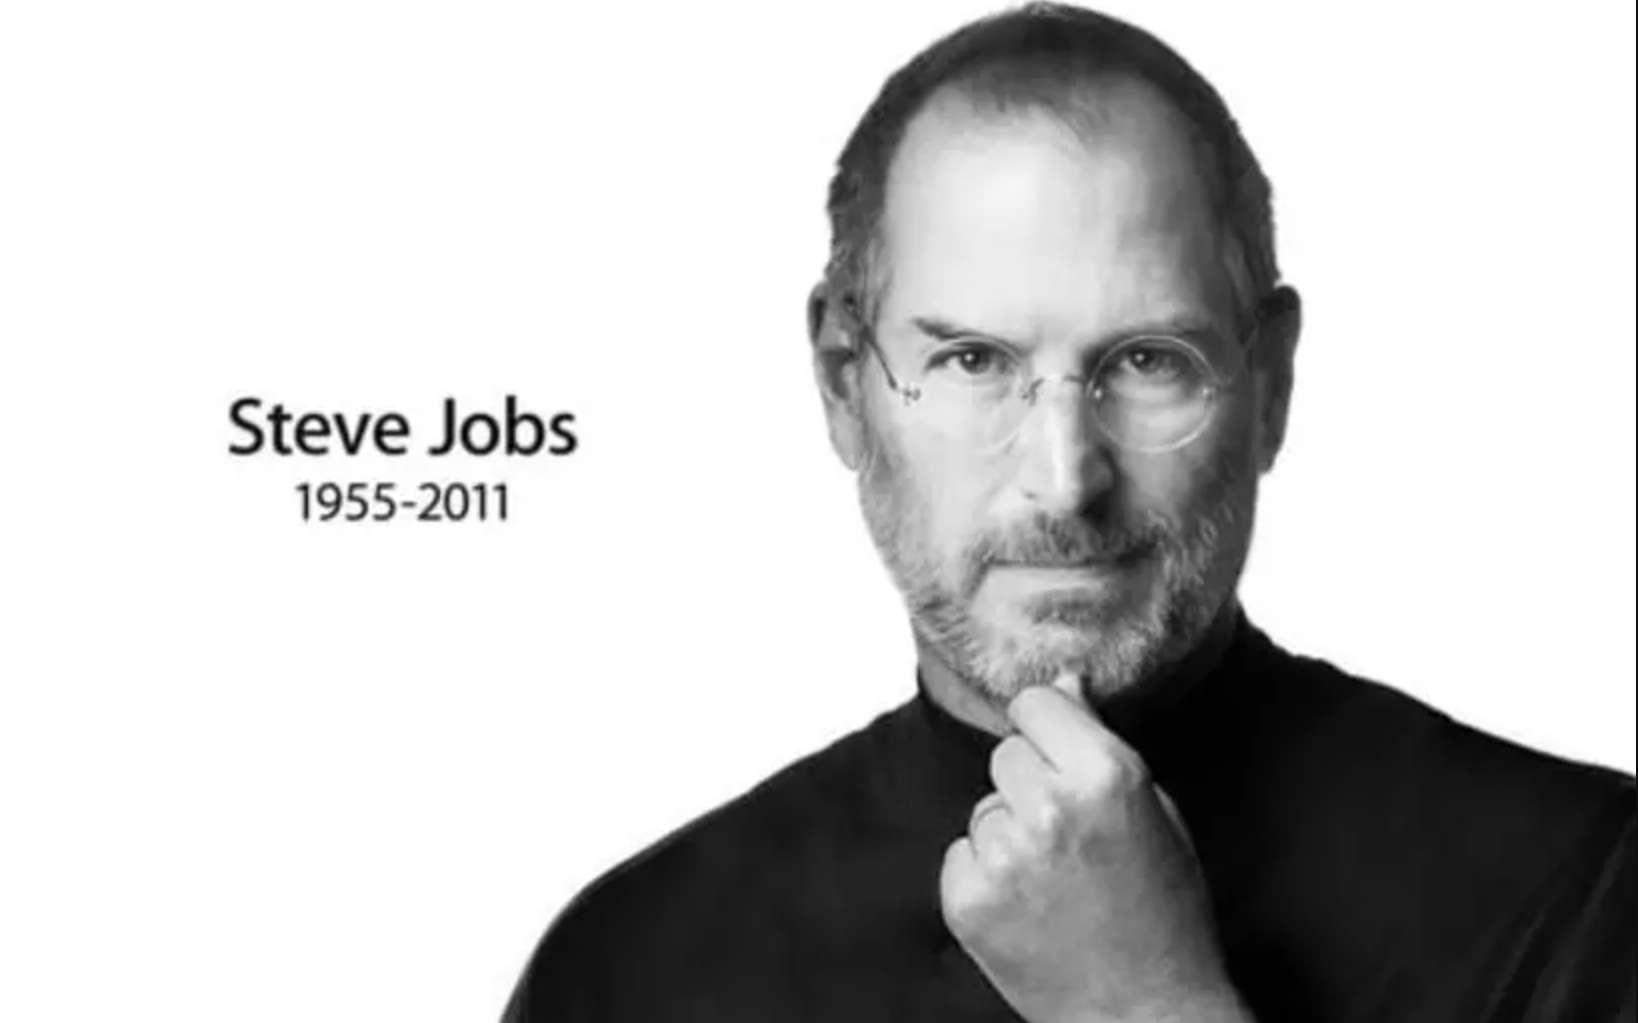 Steve Jobs, un visionnaire de la high-tech décédé en 2011 ! © Apple